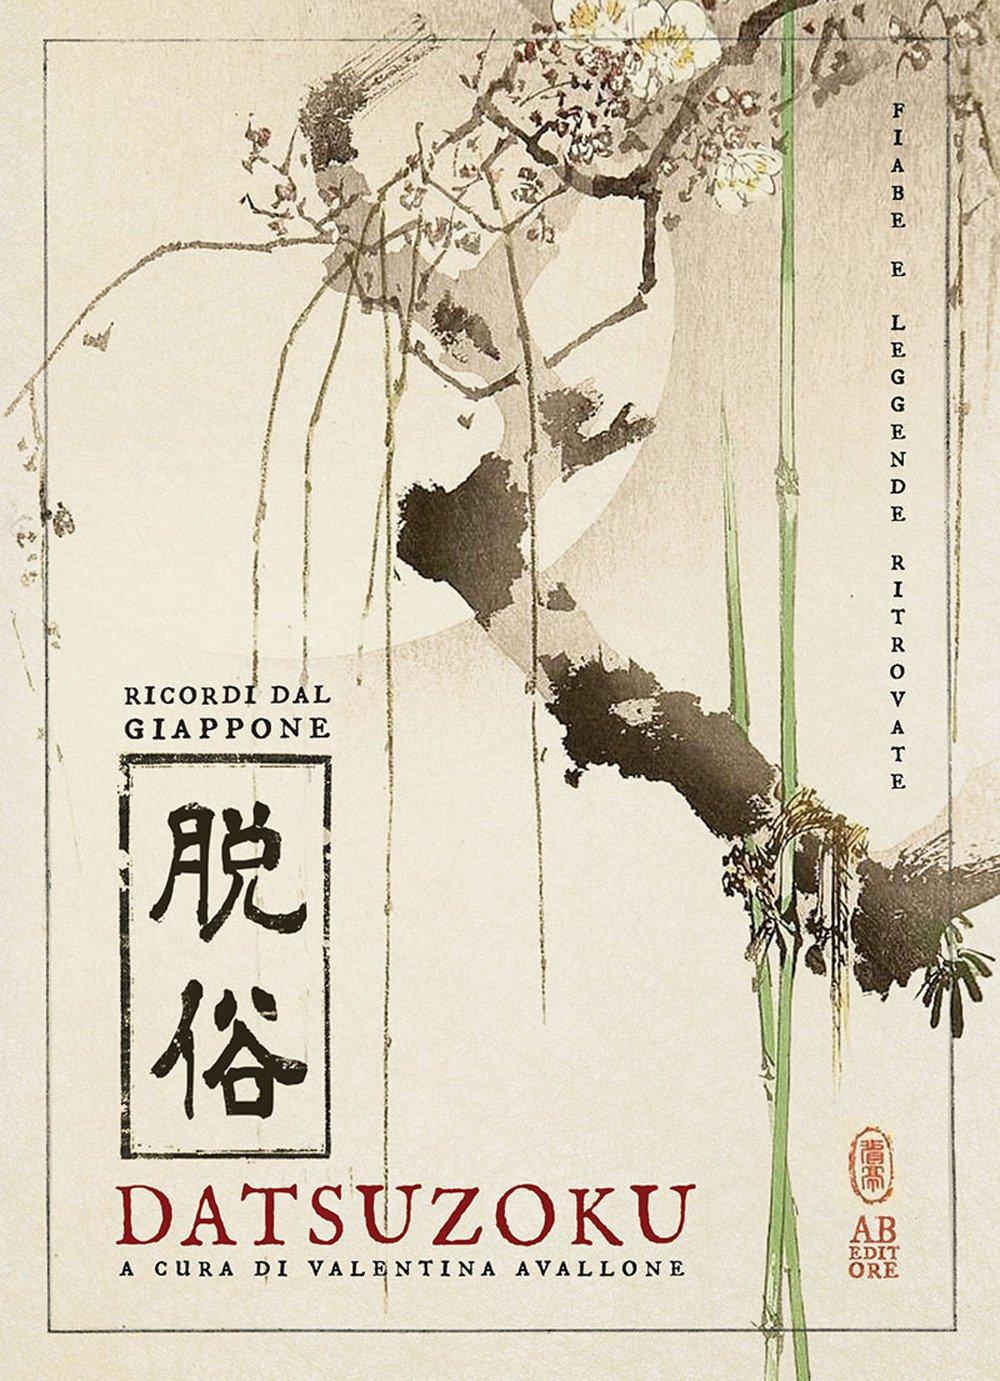 Datsuzoku. Ricordi dal Giappone Copertina flessibile – 23 mag 2018 V. Avallone ABEditore 8865512776 LETTERATURE STRANIERE: TESTI